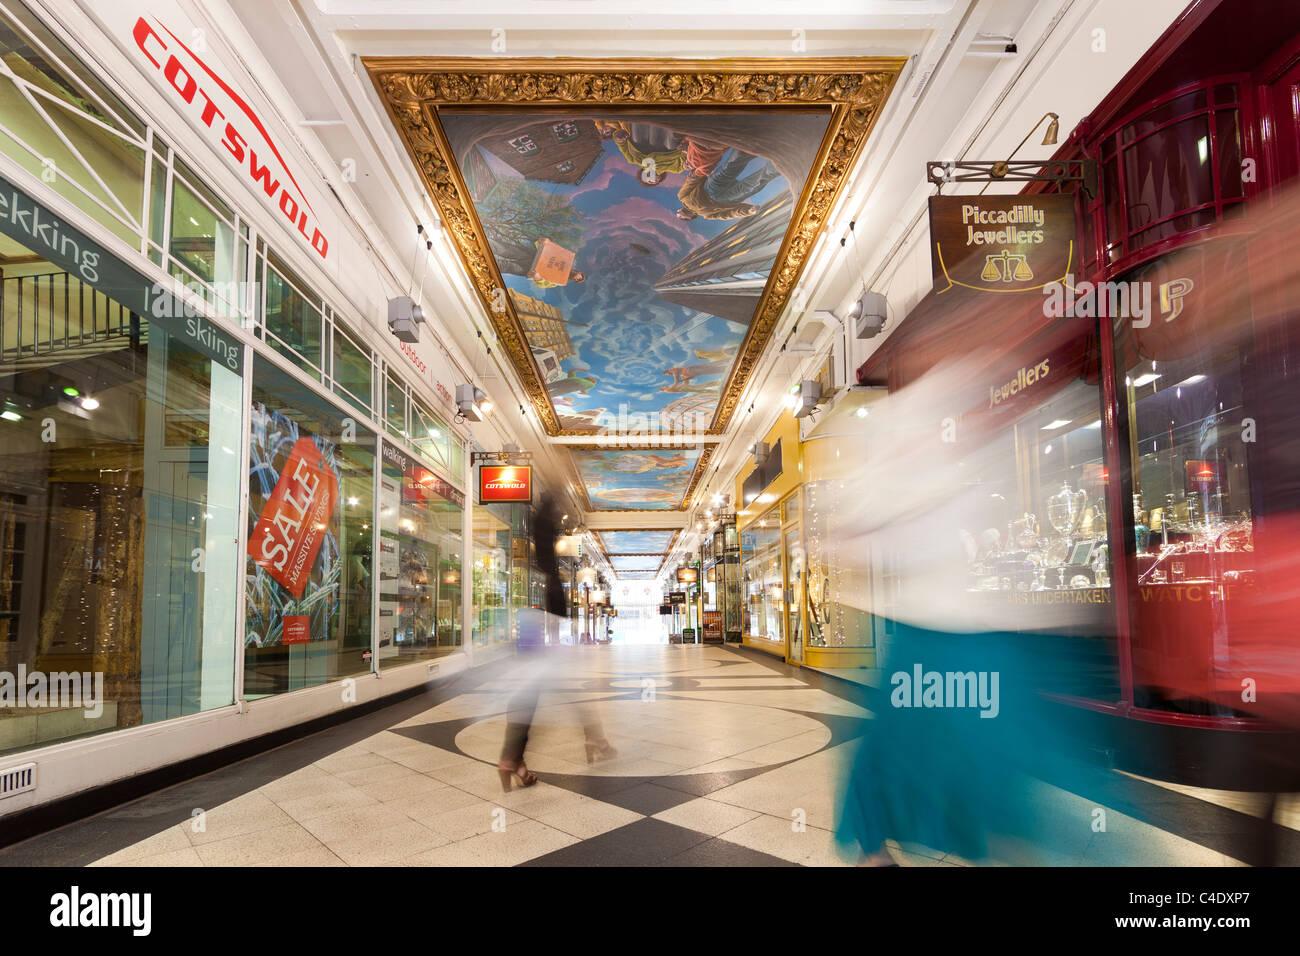 Piccadilly Arcade, Birmingham, West Midlands, England, UK - Stock Image